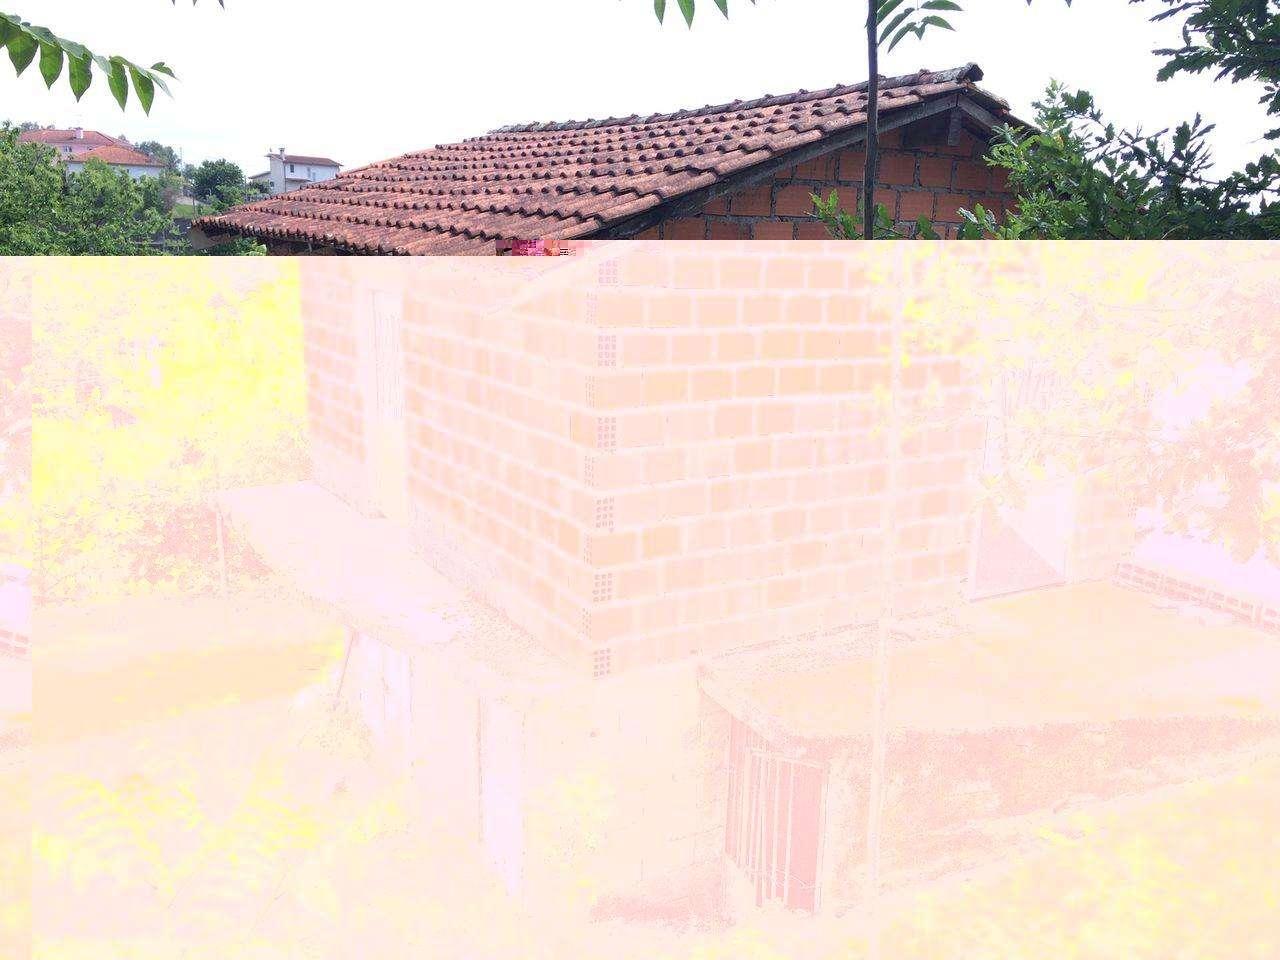 Terreno para comprar, Sande, Vilarinho, Barros e Gomide, Braga - Foto 1